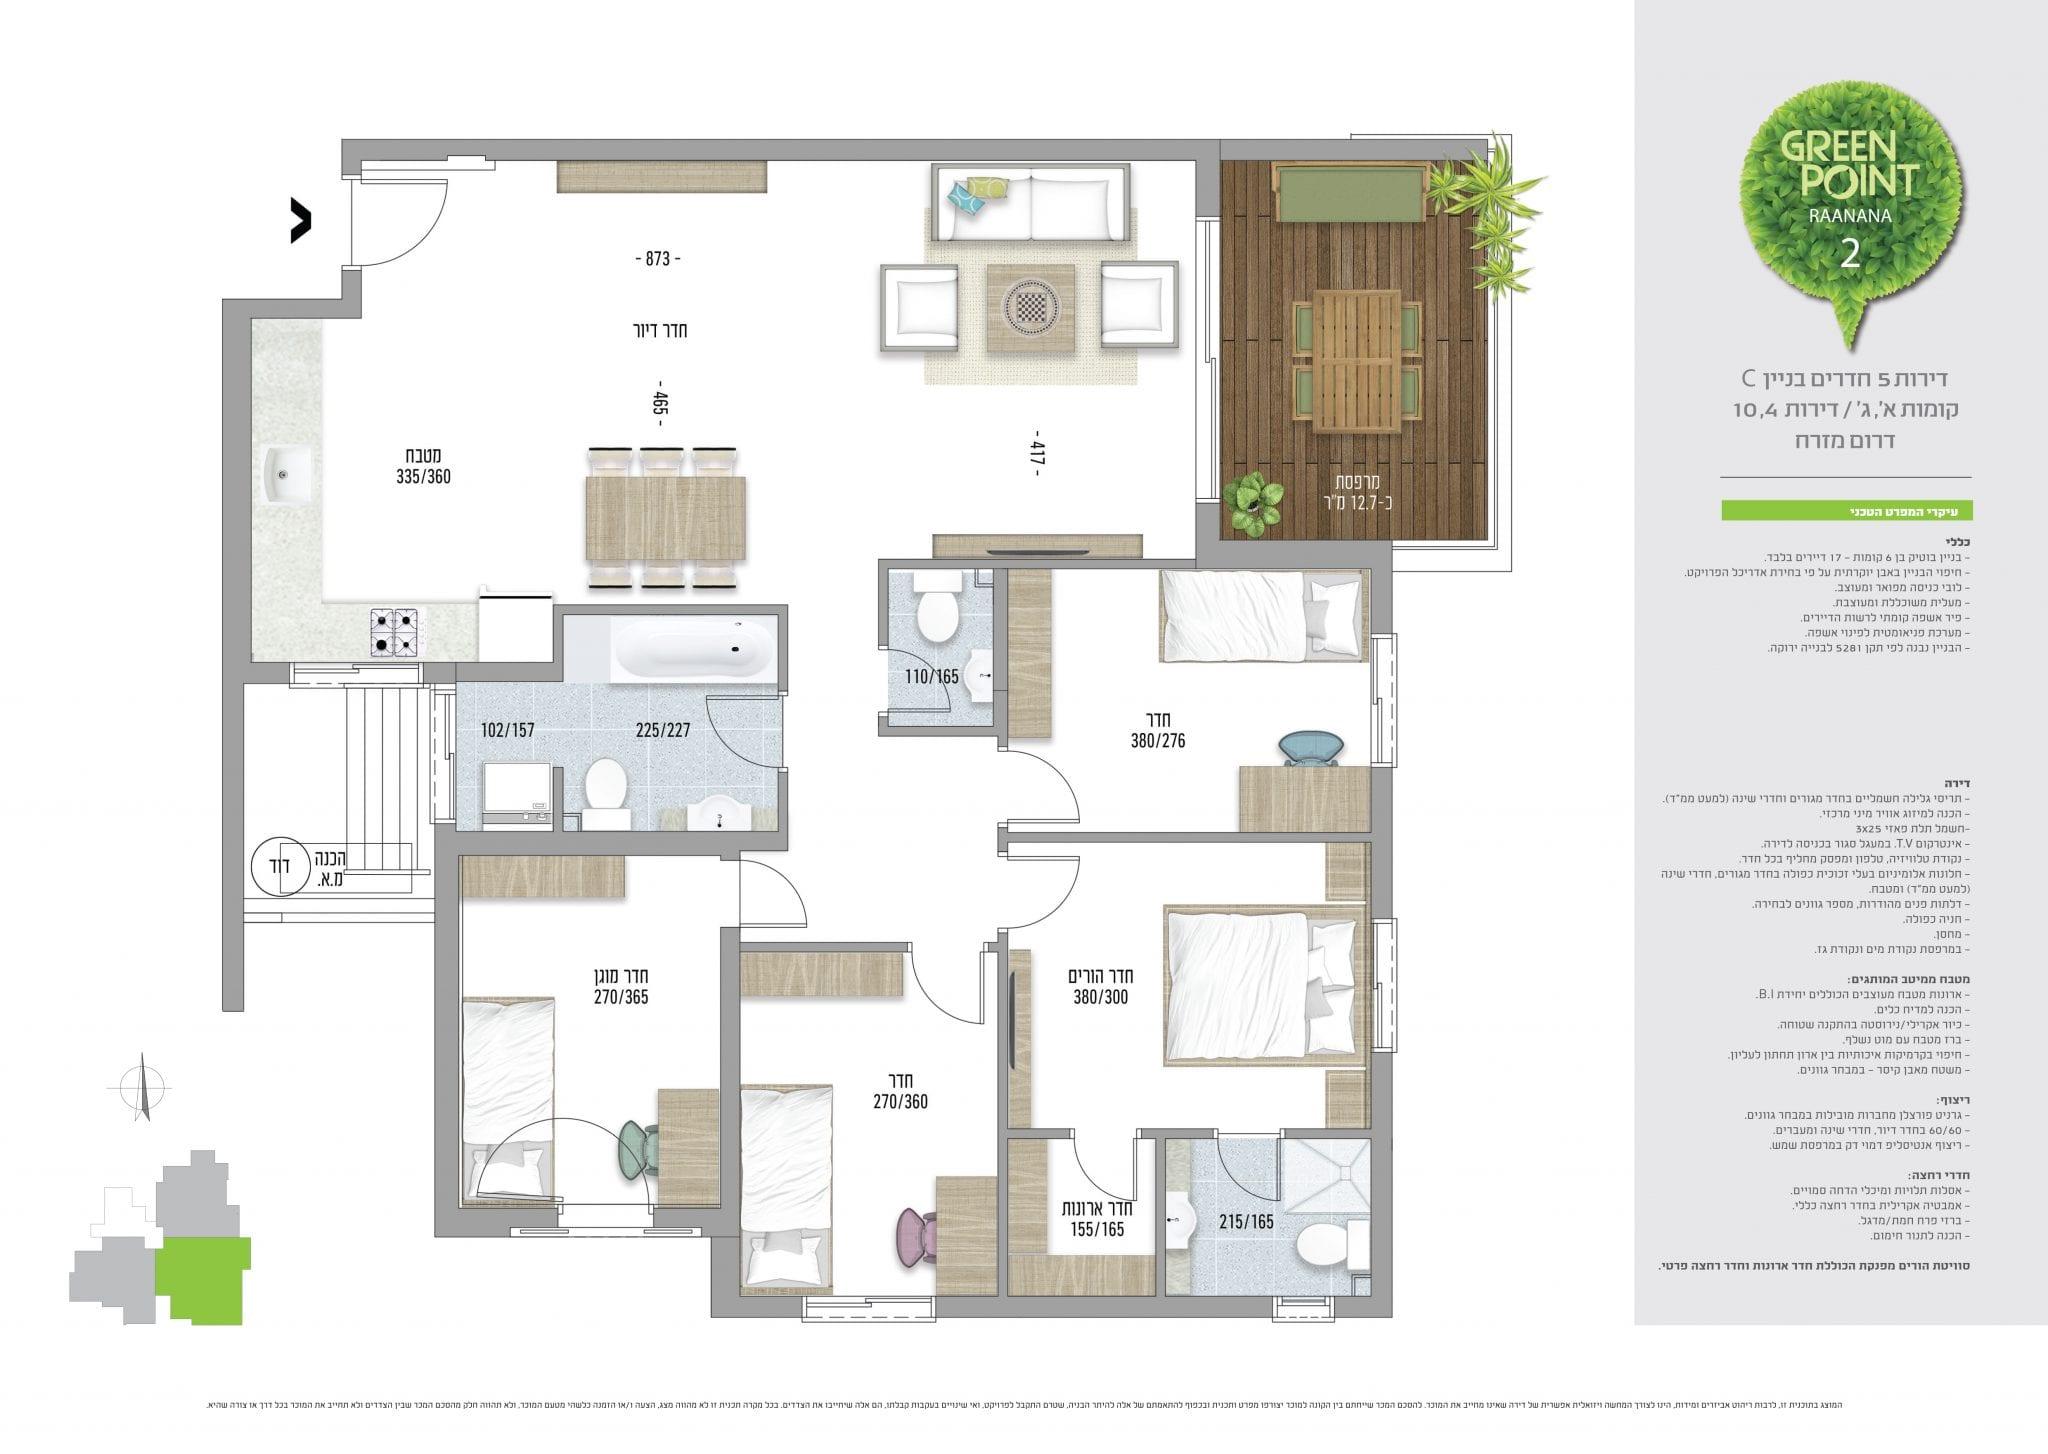 דירת 5 חדרים, קומות 1,3, מספר 4,10